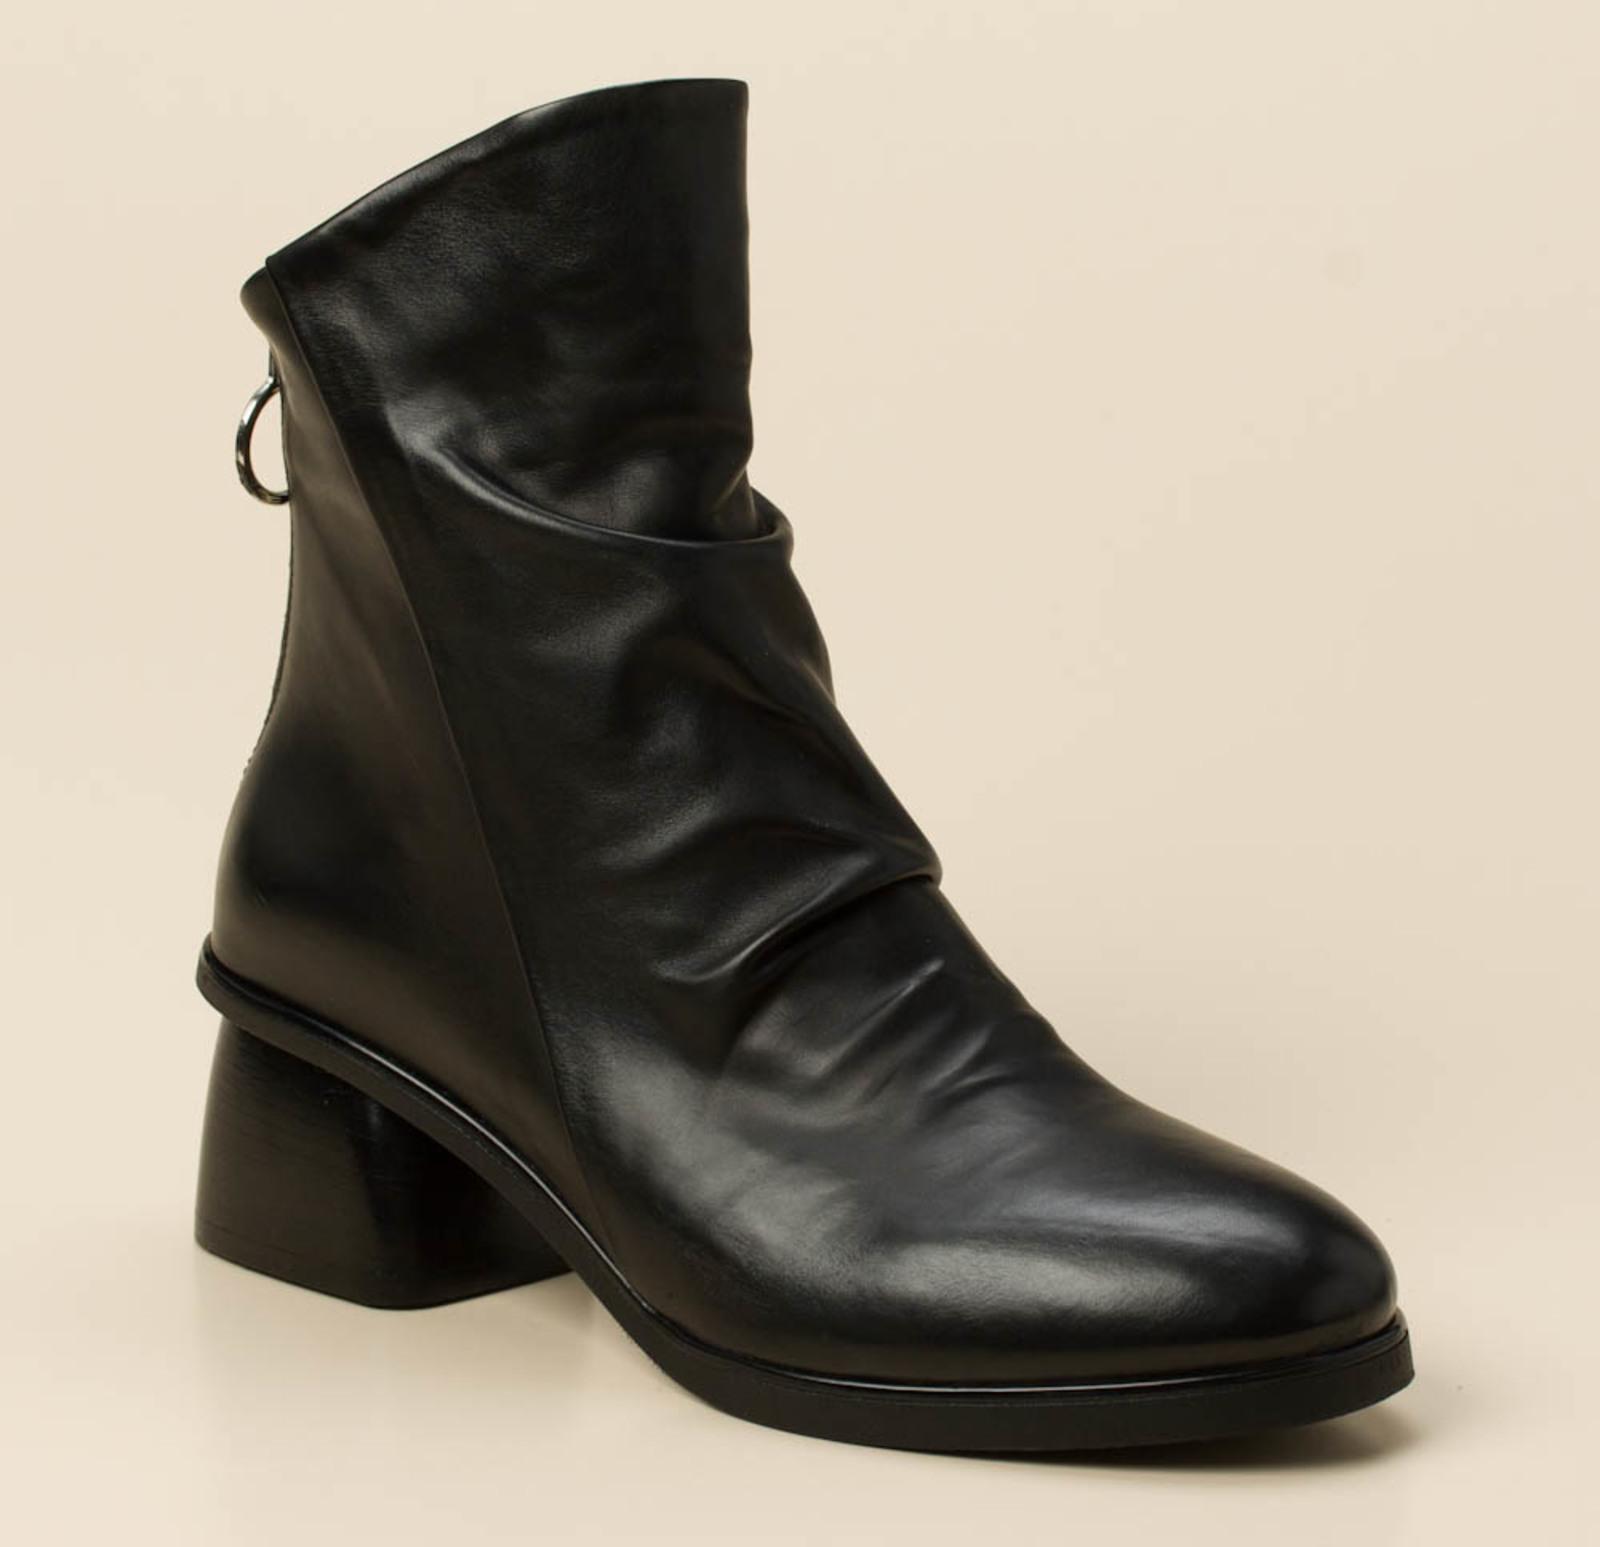 Ralph Harrison Damen Stiefelette in schwarz kaufen   Zumnorde Online ... 7548c8df91